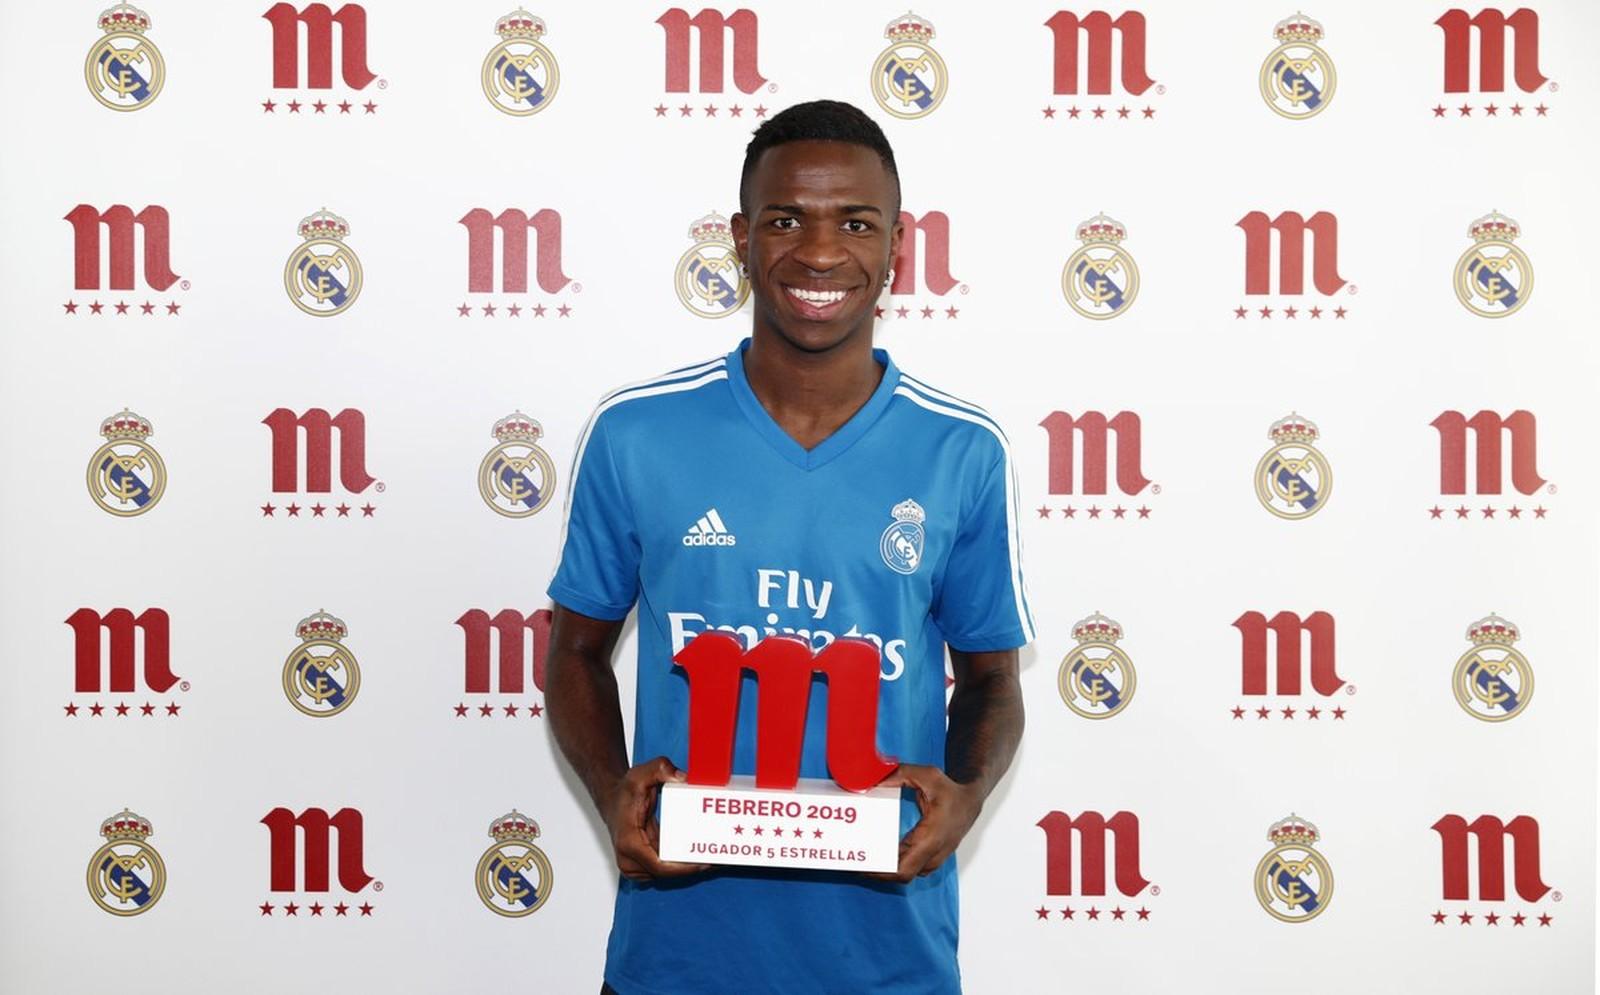 Photo of Vinicius Junior recebe prêmio de melhor jogador do Real Madrid em fevereiro